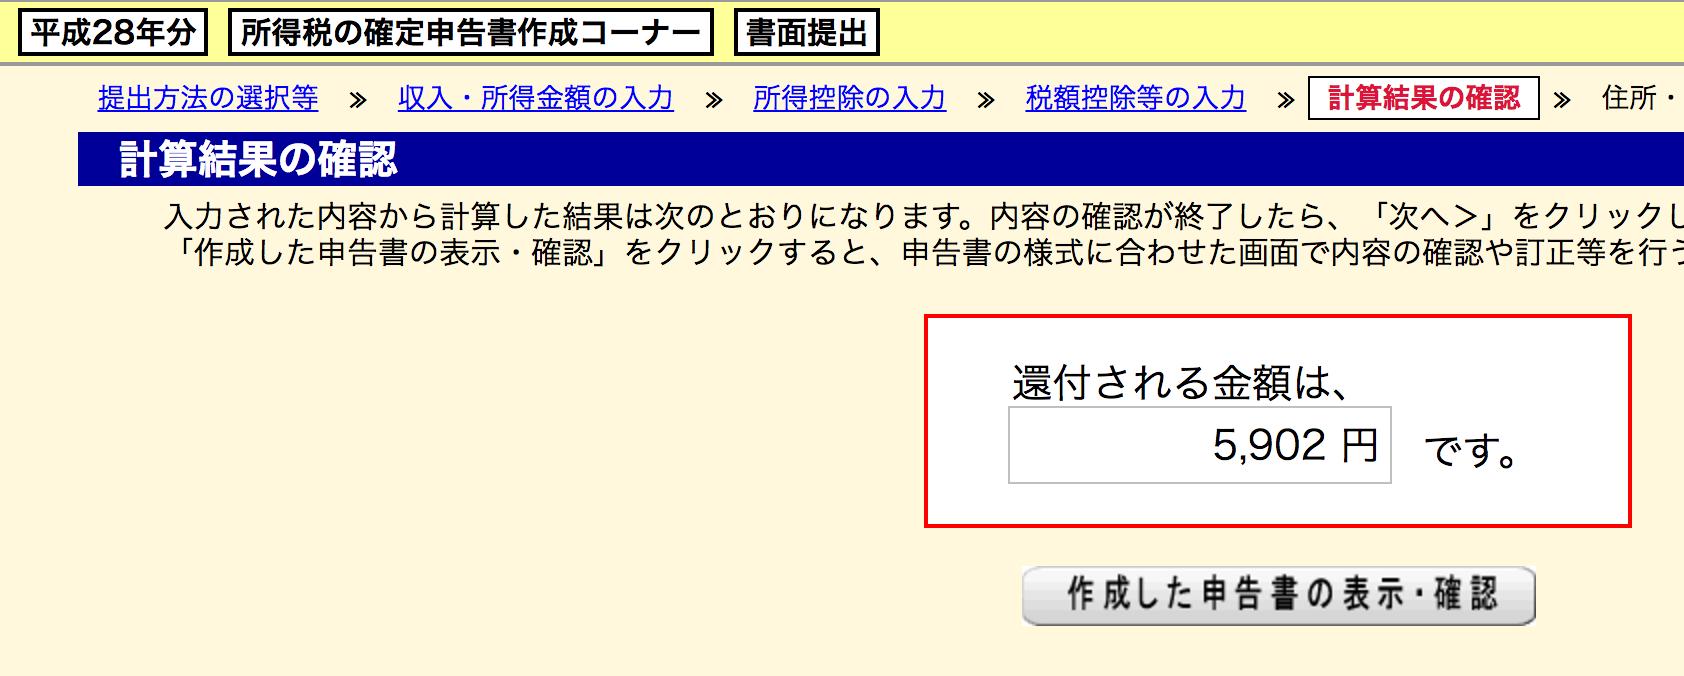 6万円の寄付!! 平成28年分の確定申告(還付申告)資料作成完了!ふるさと納税の分